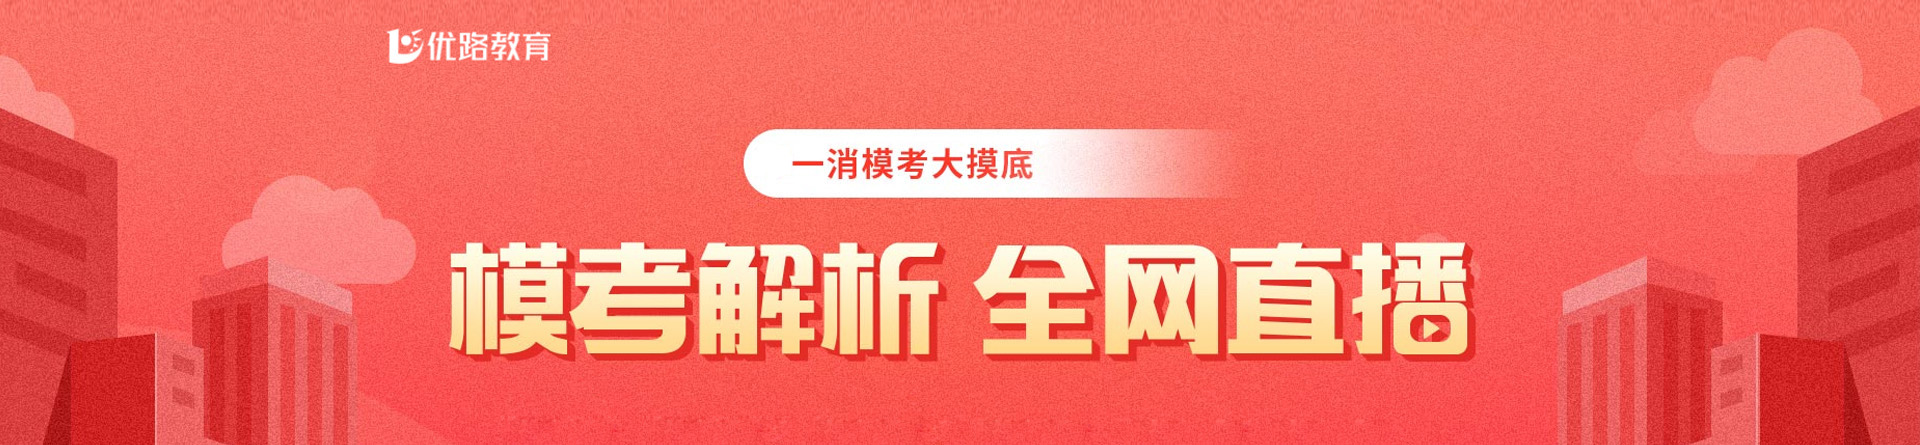 江苏淮安优路教育培训学校